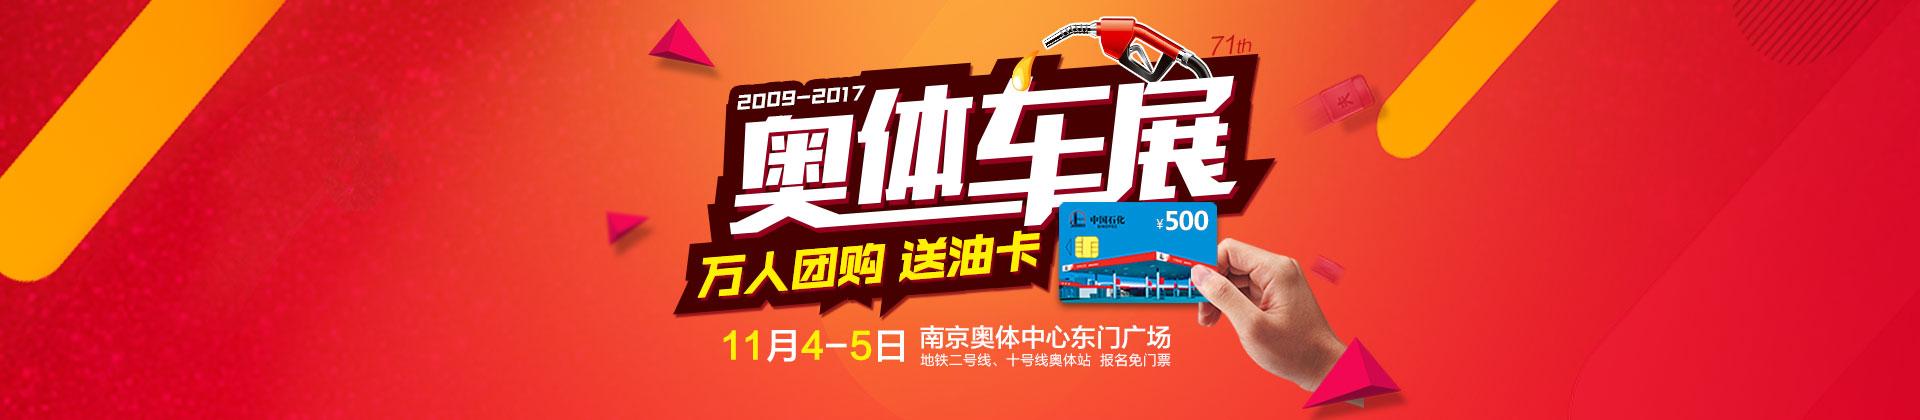 第71届麦车网(南京)奥体车展火热报名!